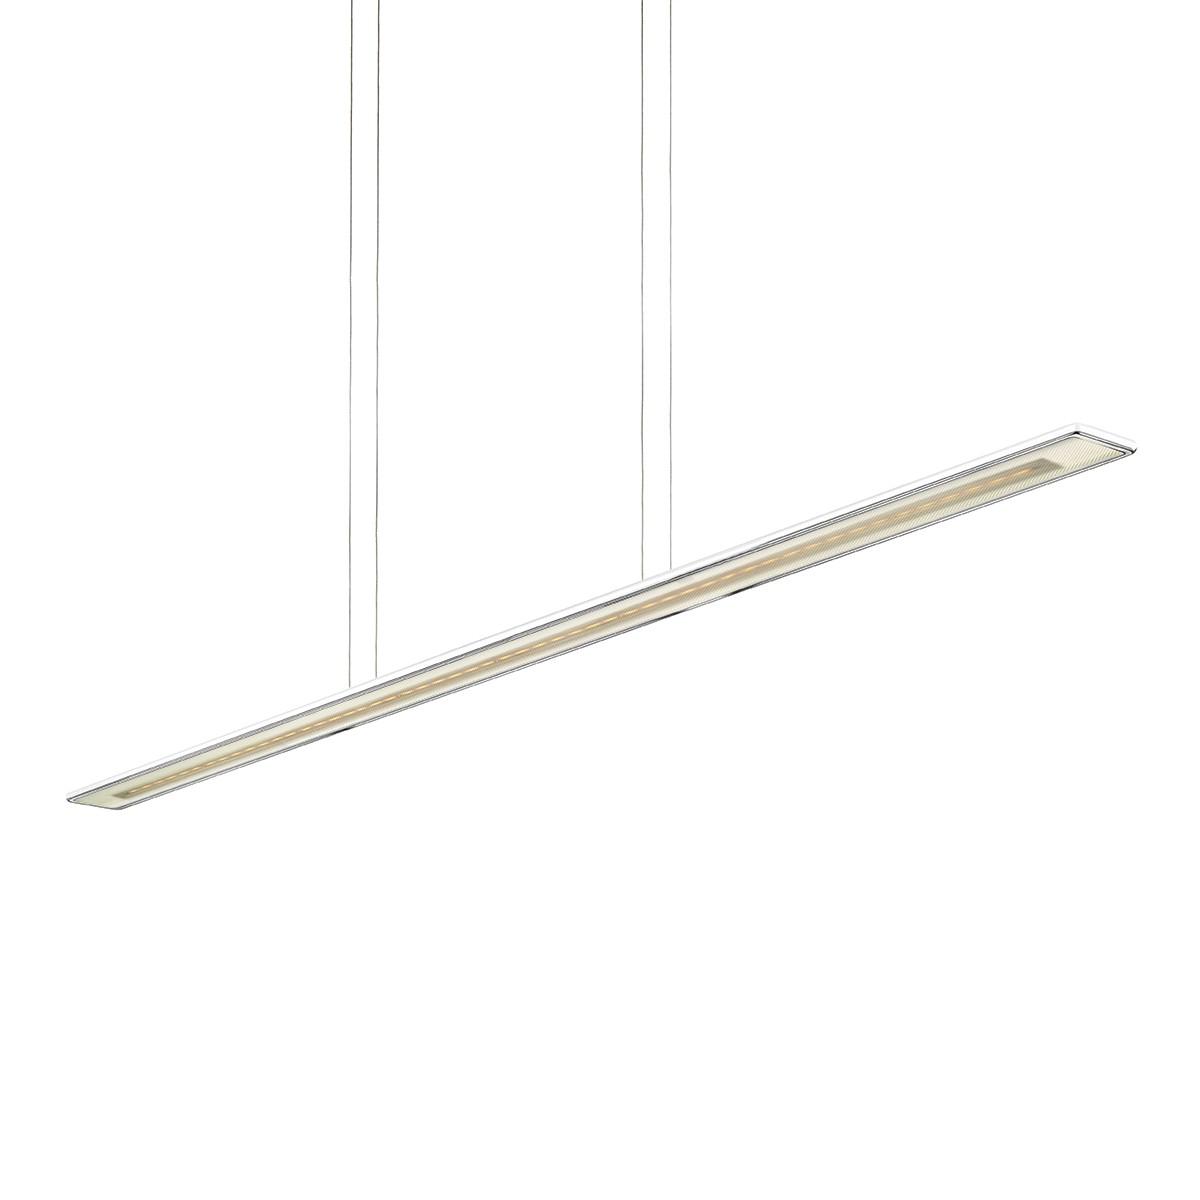 Bruck Horizon Pendelleuchte, Länge: 160 cm, weiß